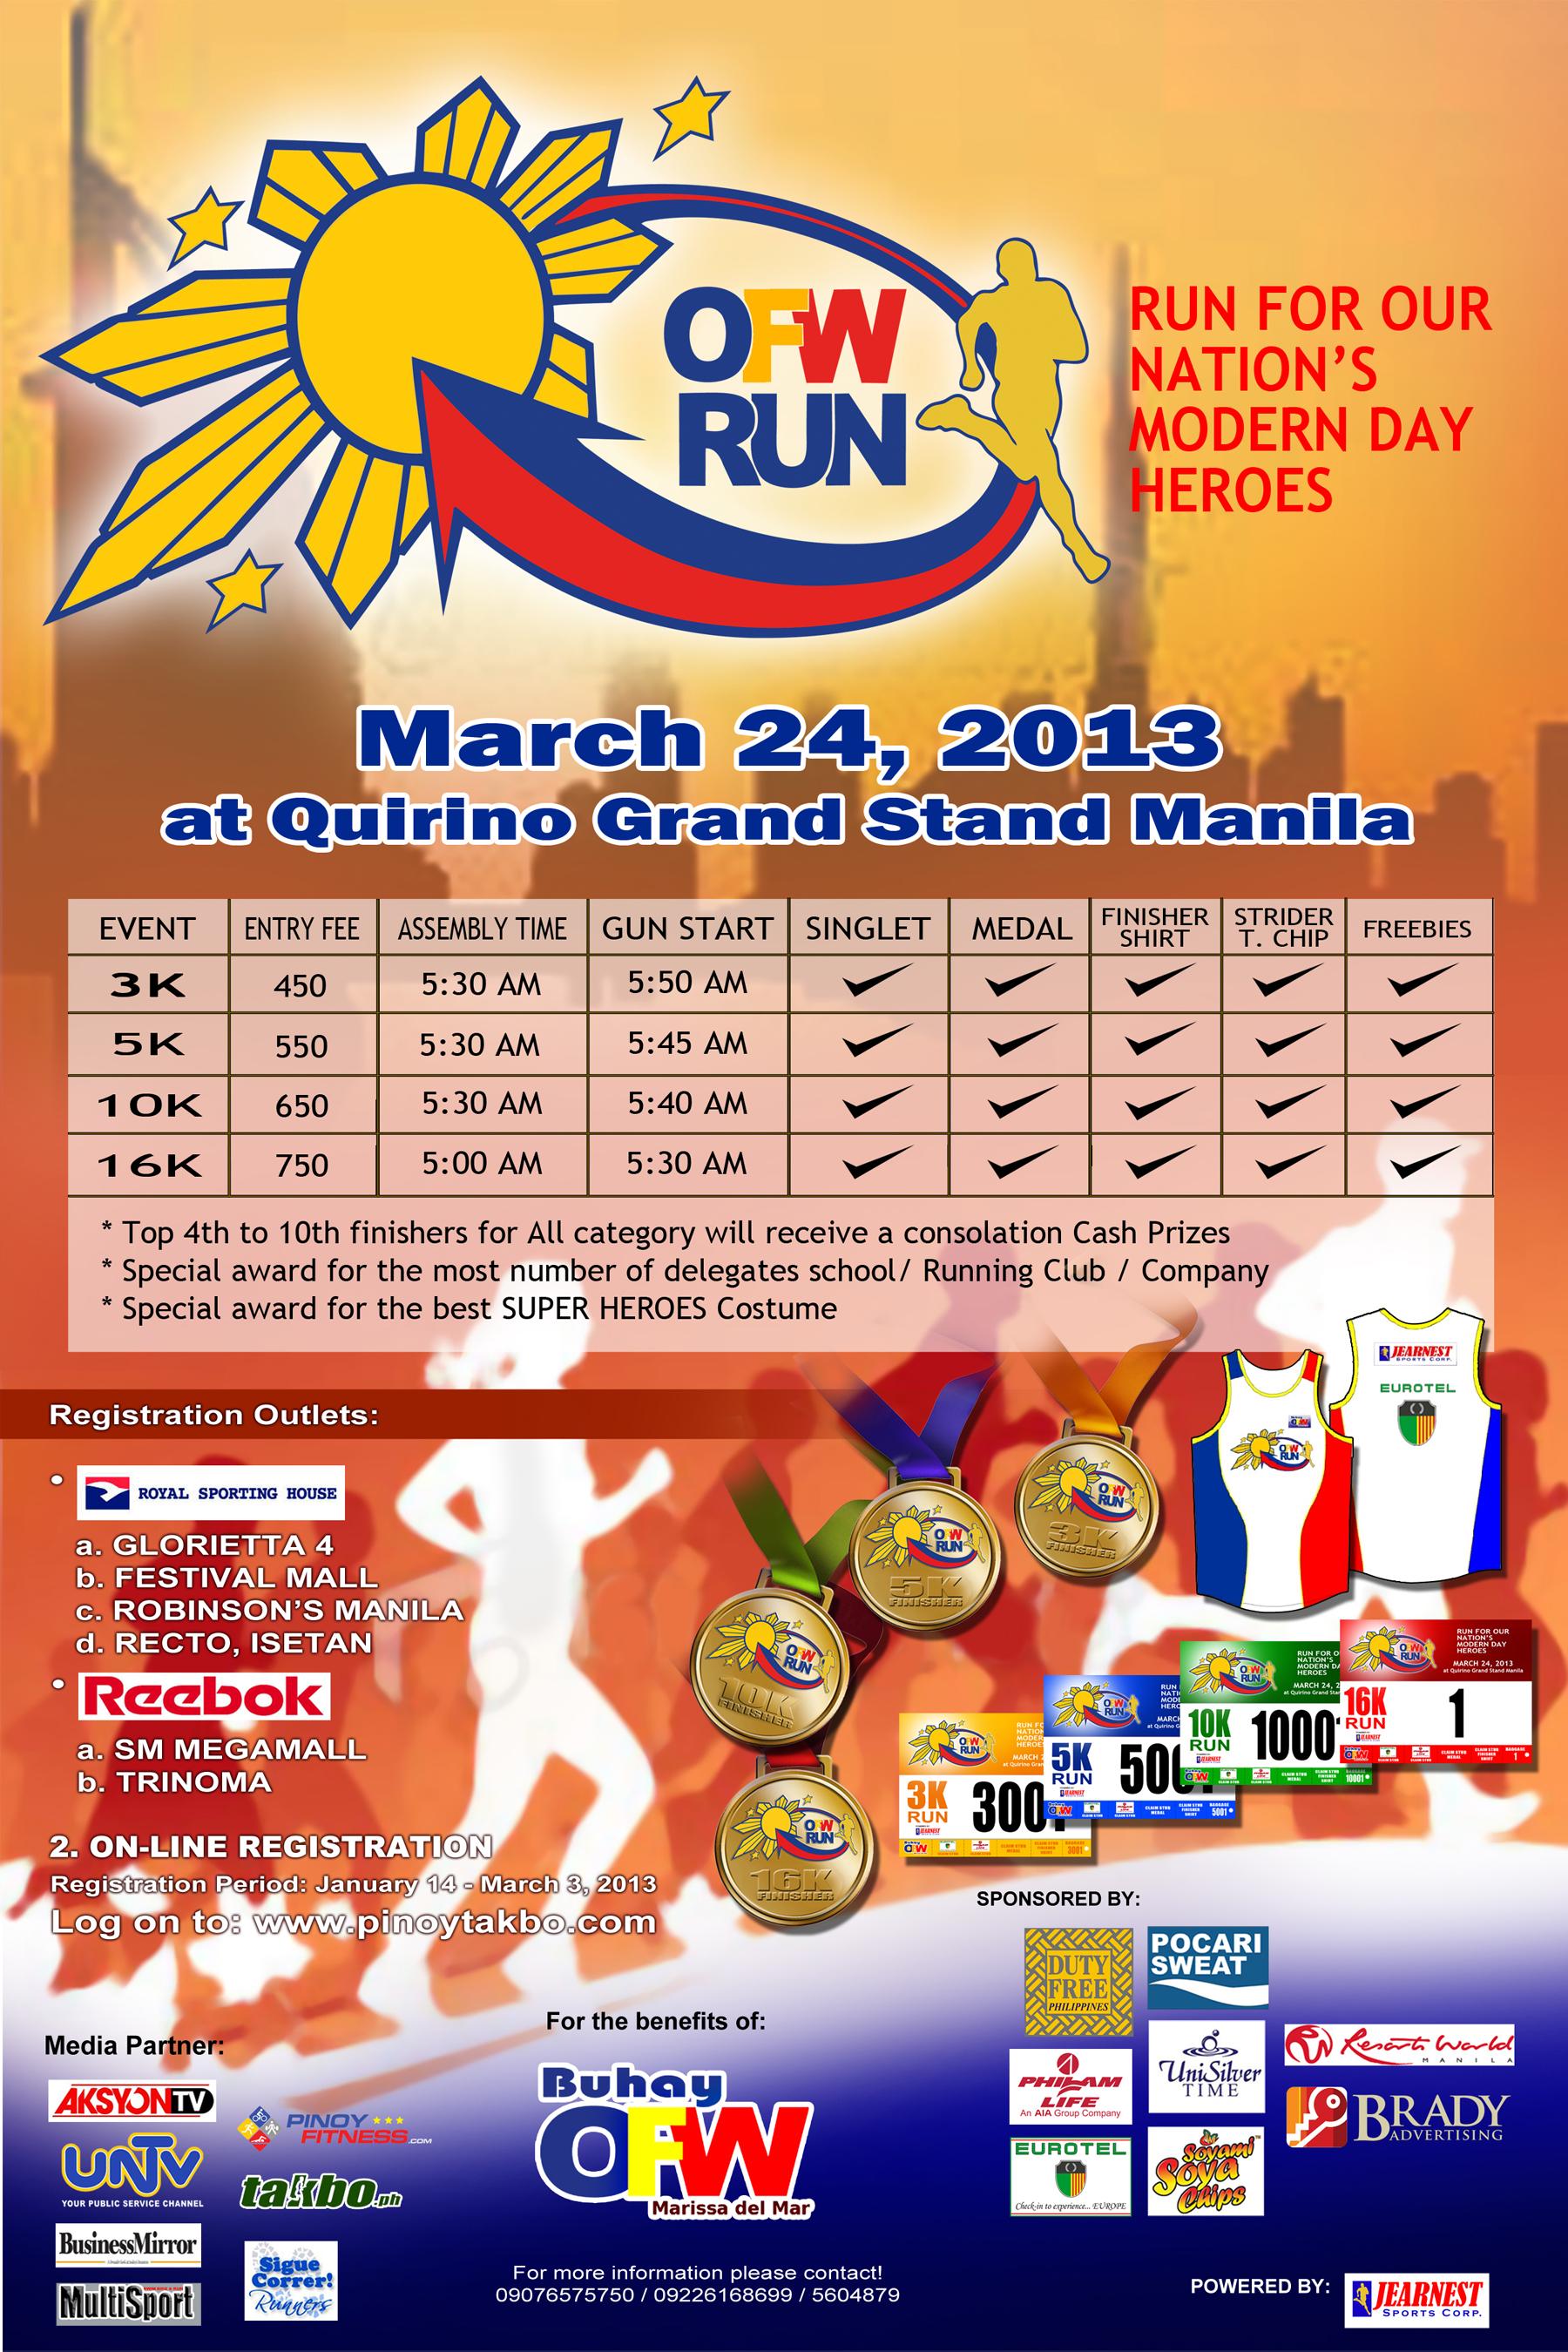 ofw-run-2013-poster